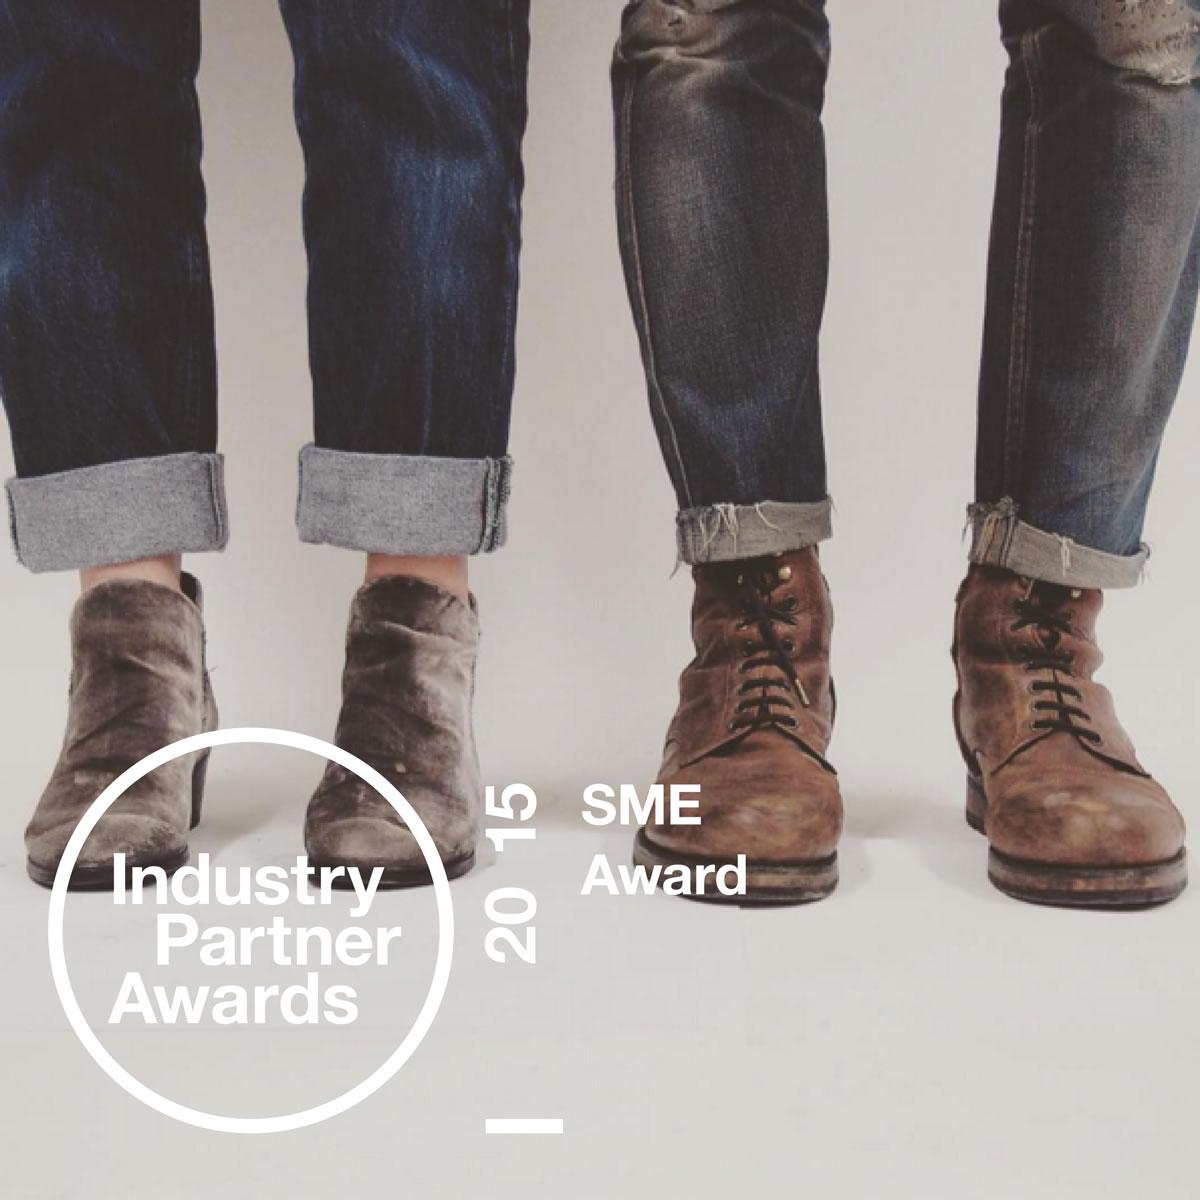 00100-Industry-Partner-Awards_SME-06